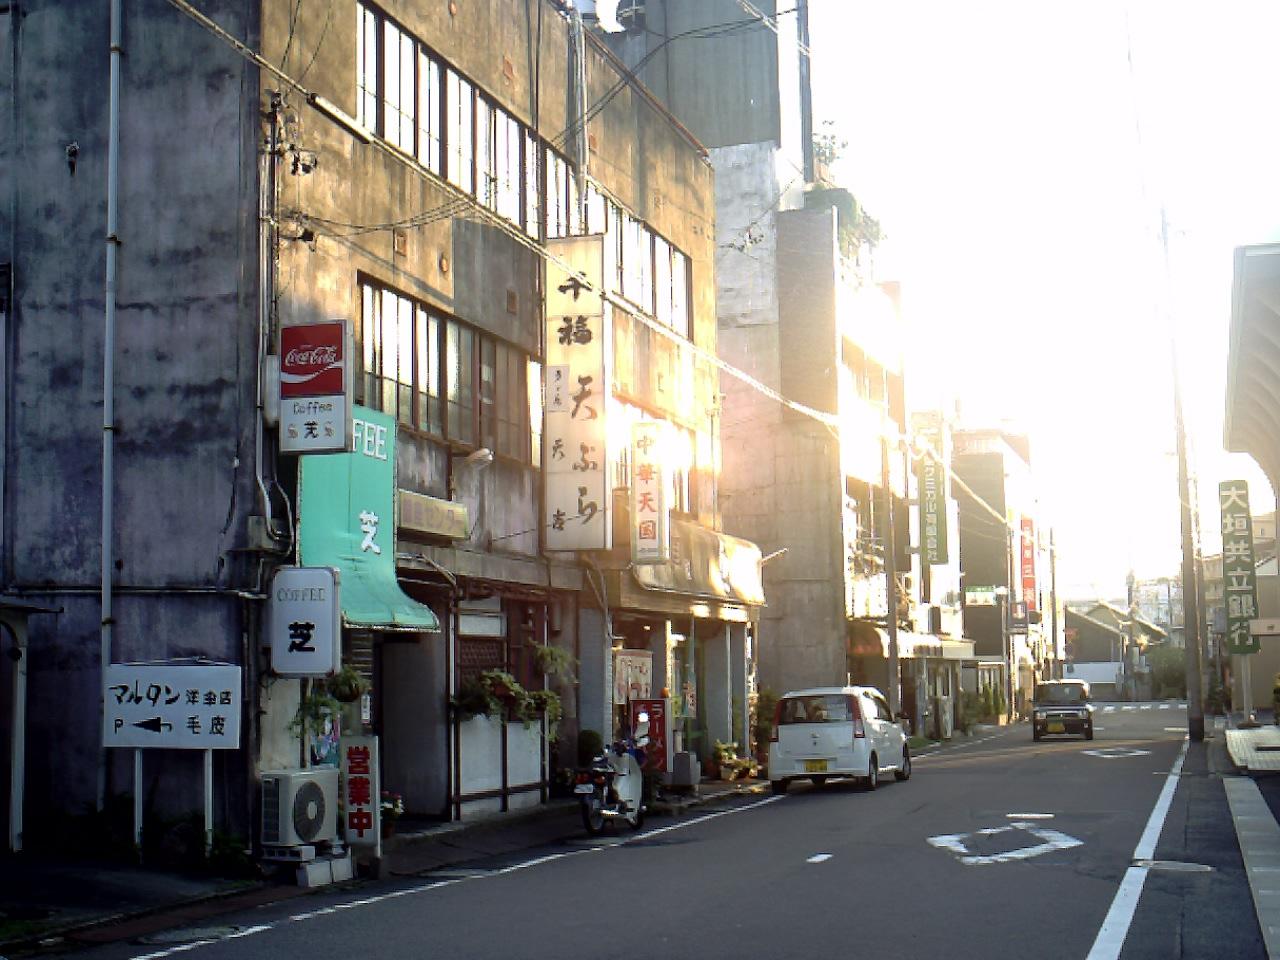 08-8二川宿本陣・多治見夏街 010.jpg